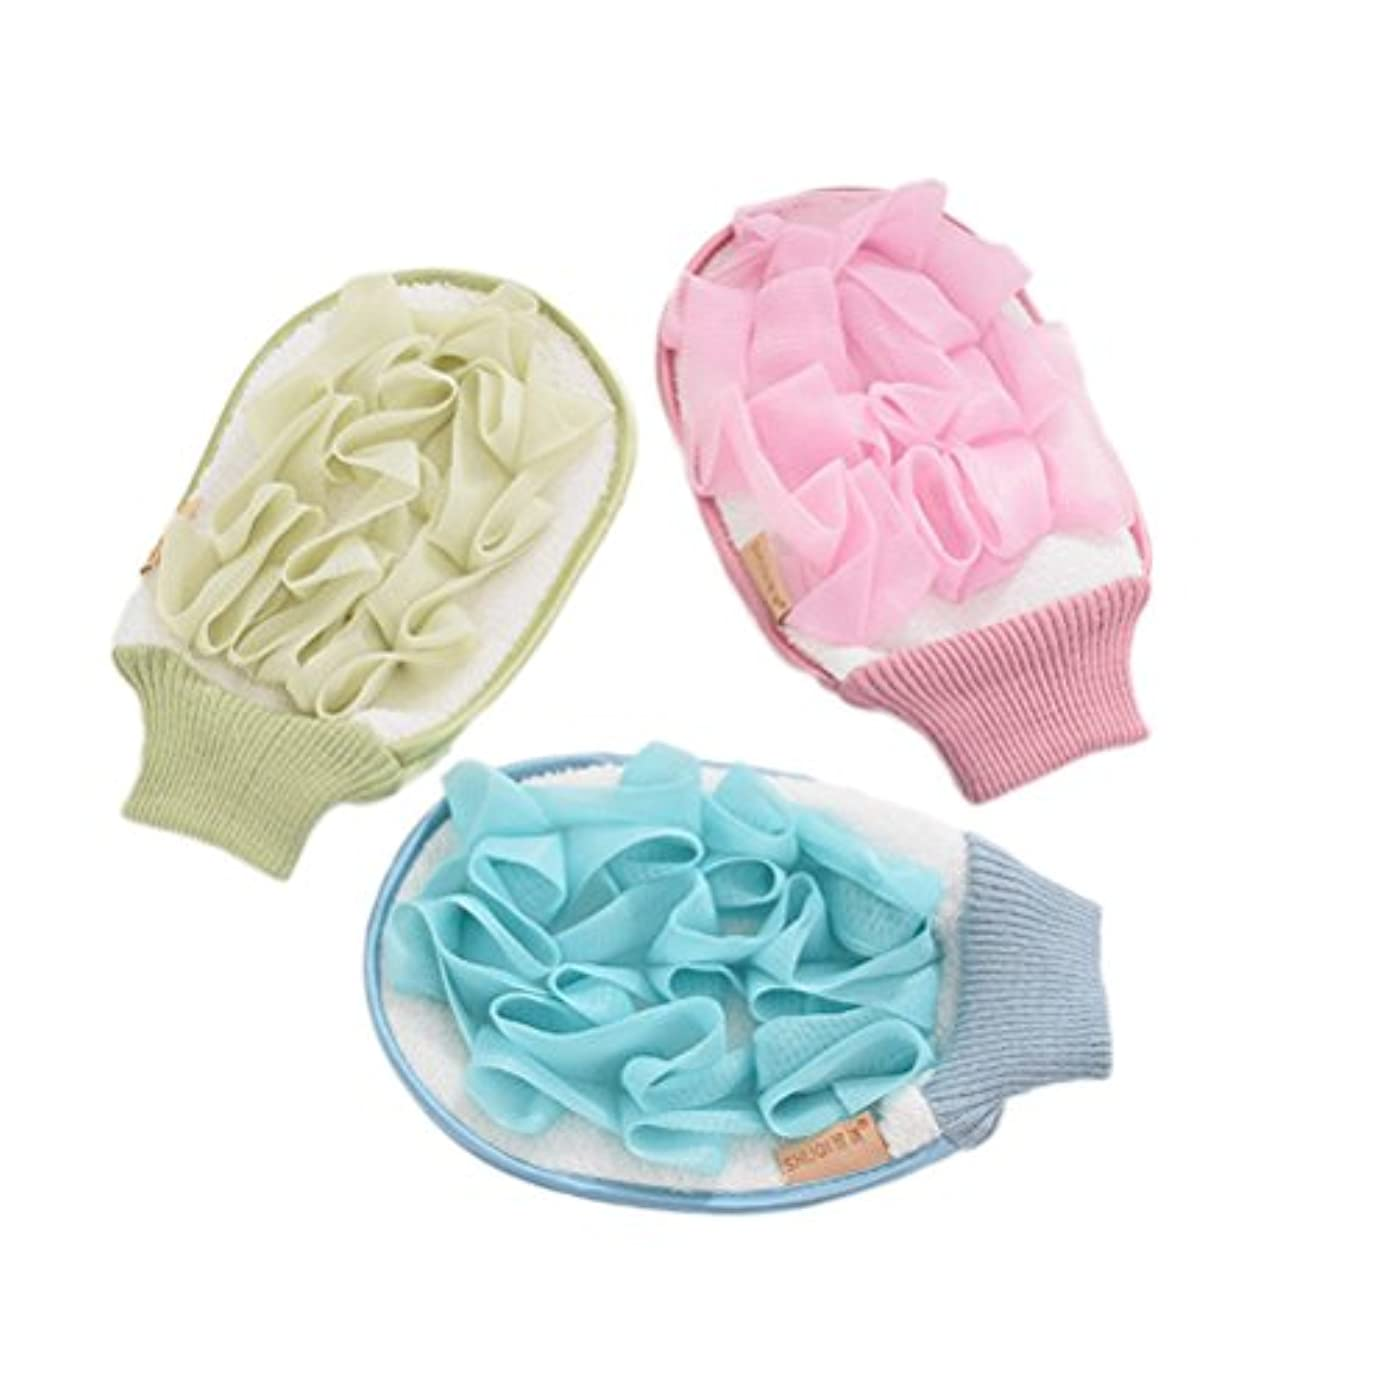 ブレンド活性化マキシムHealifty ボディースポンジ シャワー用 グローブ シャワーボール 泡立てネット 背中も洗える メッシュ ボディ洗い泡肌美人 マッサージ 厚さ 3セット(色アソート)